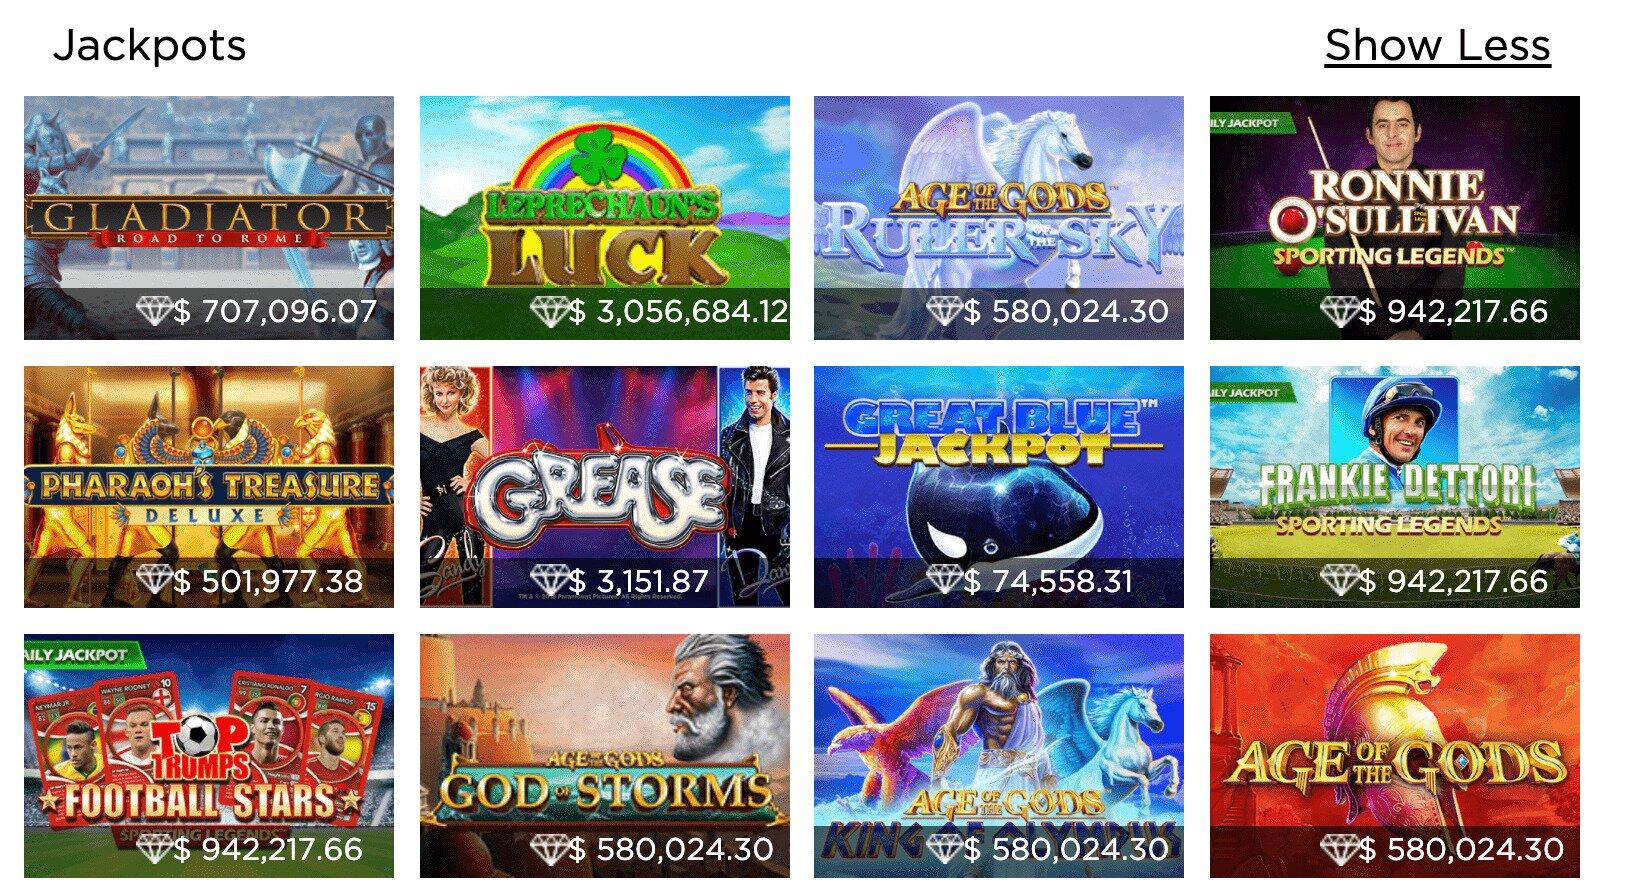 Casino.com Jackpot Games